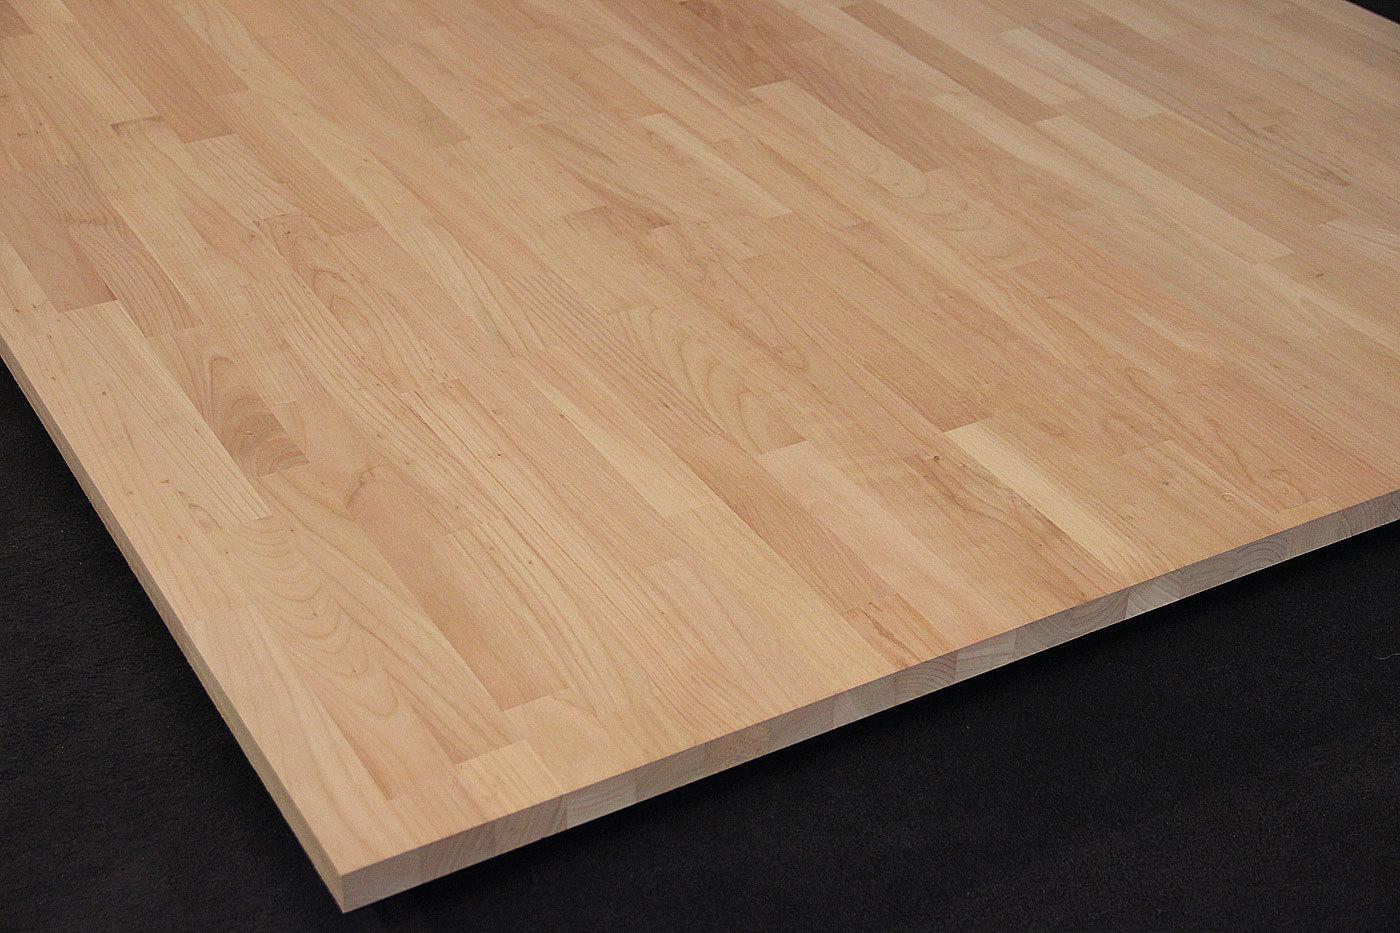 Brandneu Möbelbauplatten 19mm keilgezinkt - Küchenarbeitsplatten ONLINE SHOP GH37